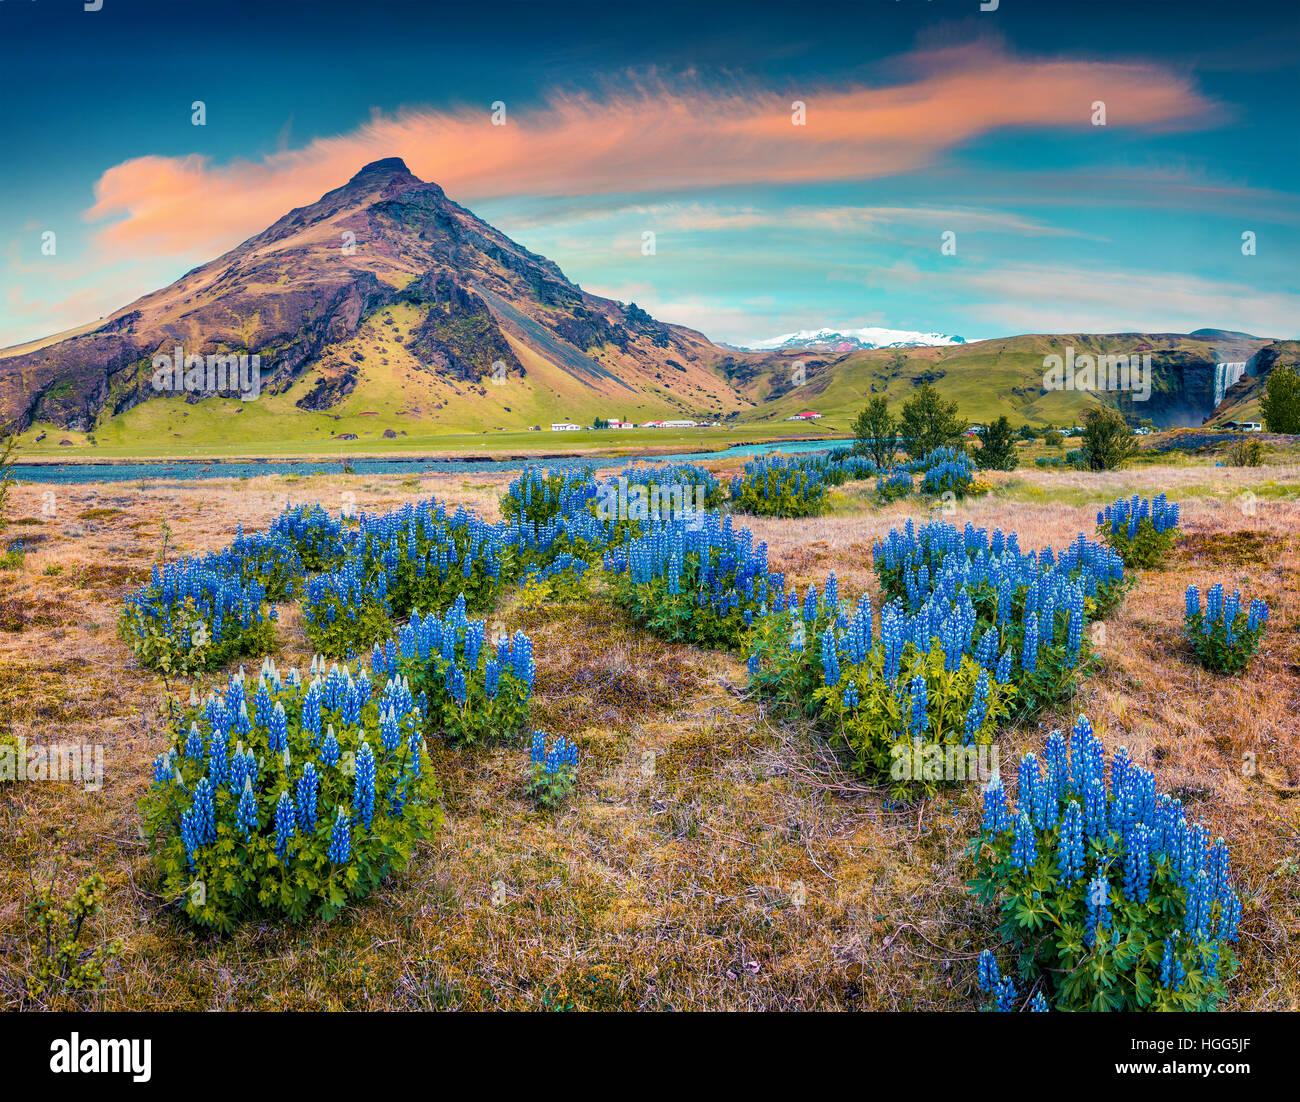 Lupin en fleurs fleurs à proximité du majestueux Skogafoss chute d'eau dans le sud de l'Islande, Photo Stock